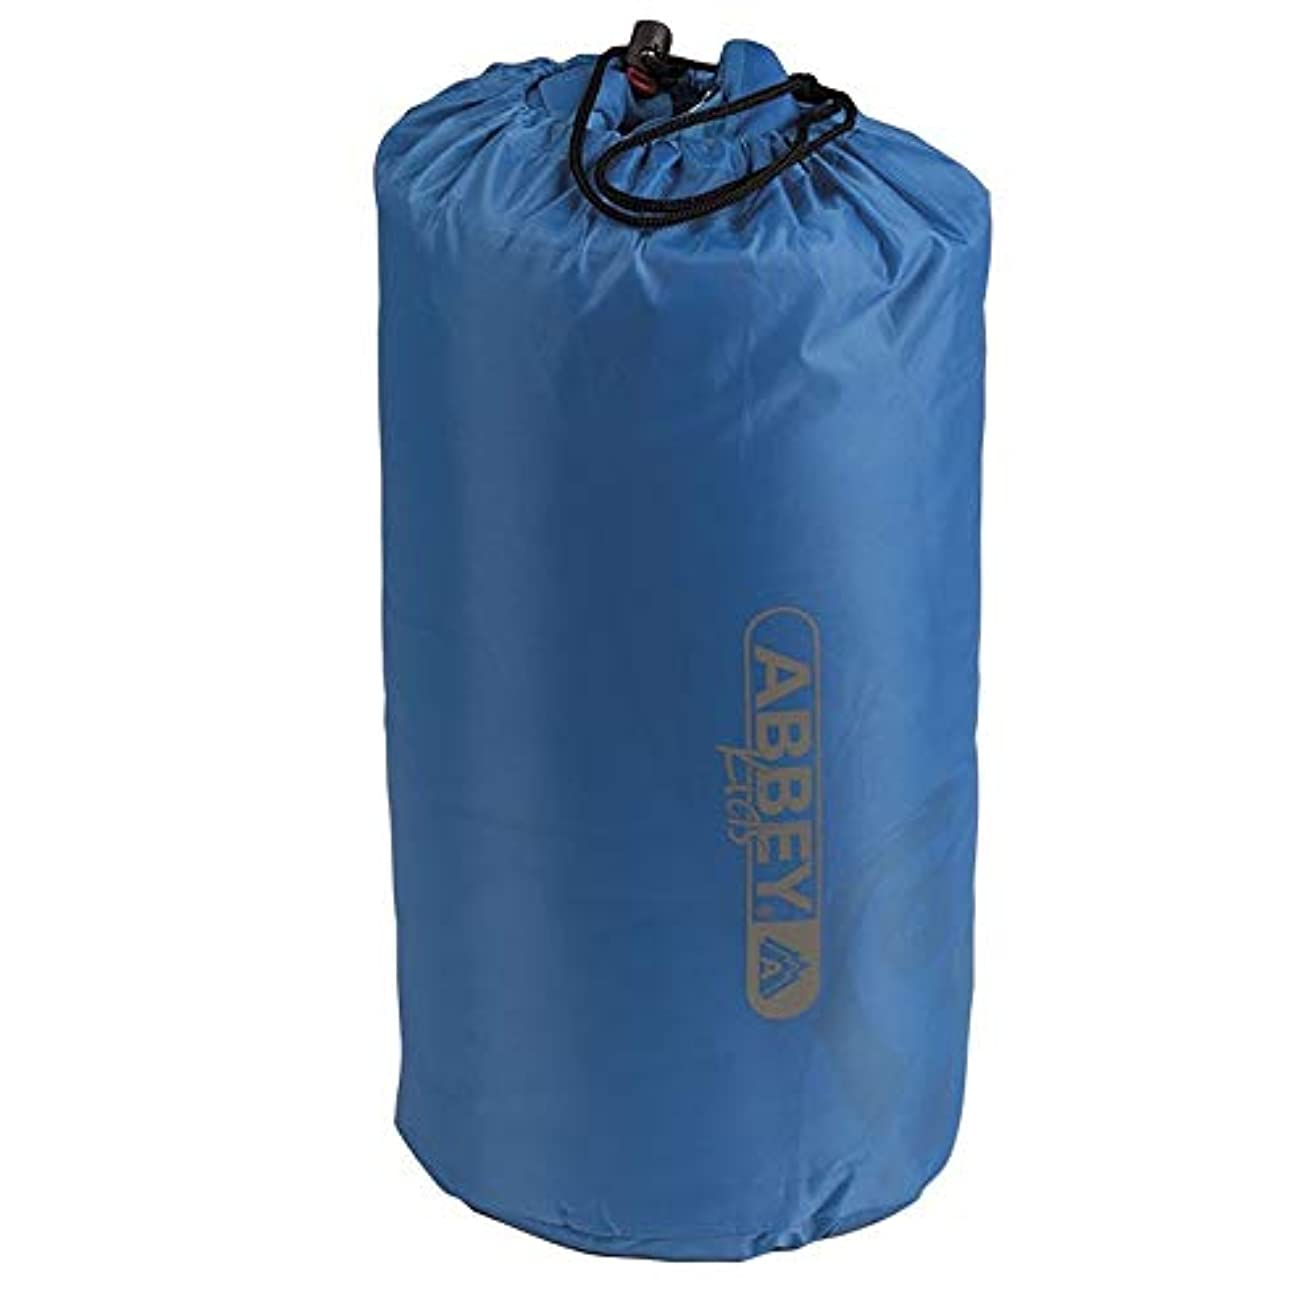 二週間である爆弾Mil-Tec スリーピングバッグ ABBEY 寝袋 ブランケット キッズ用 140x70cm